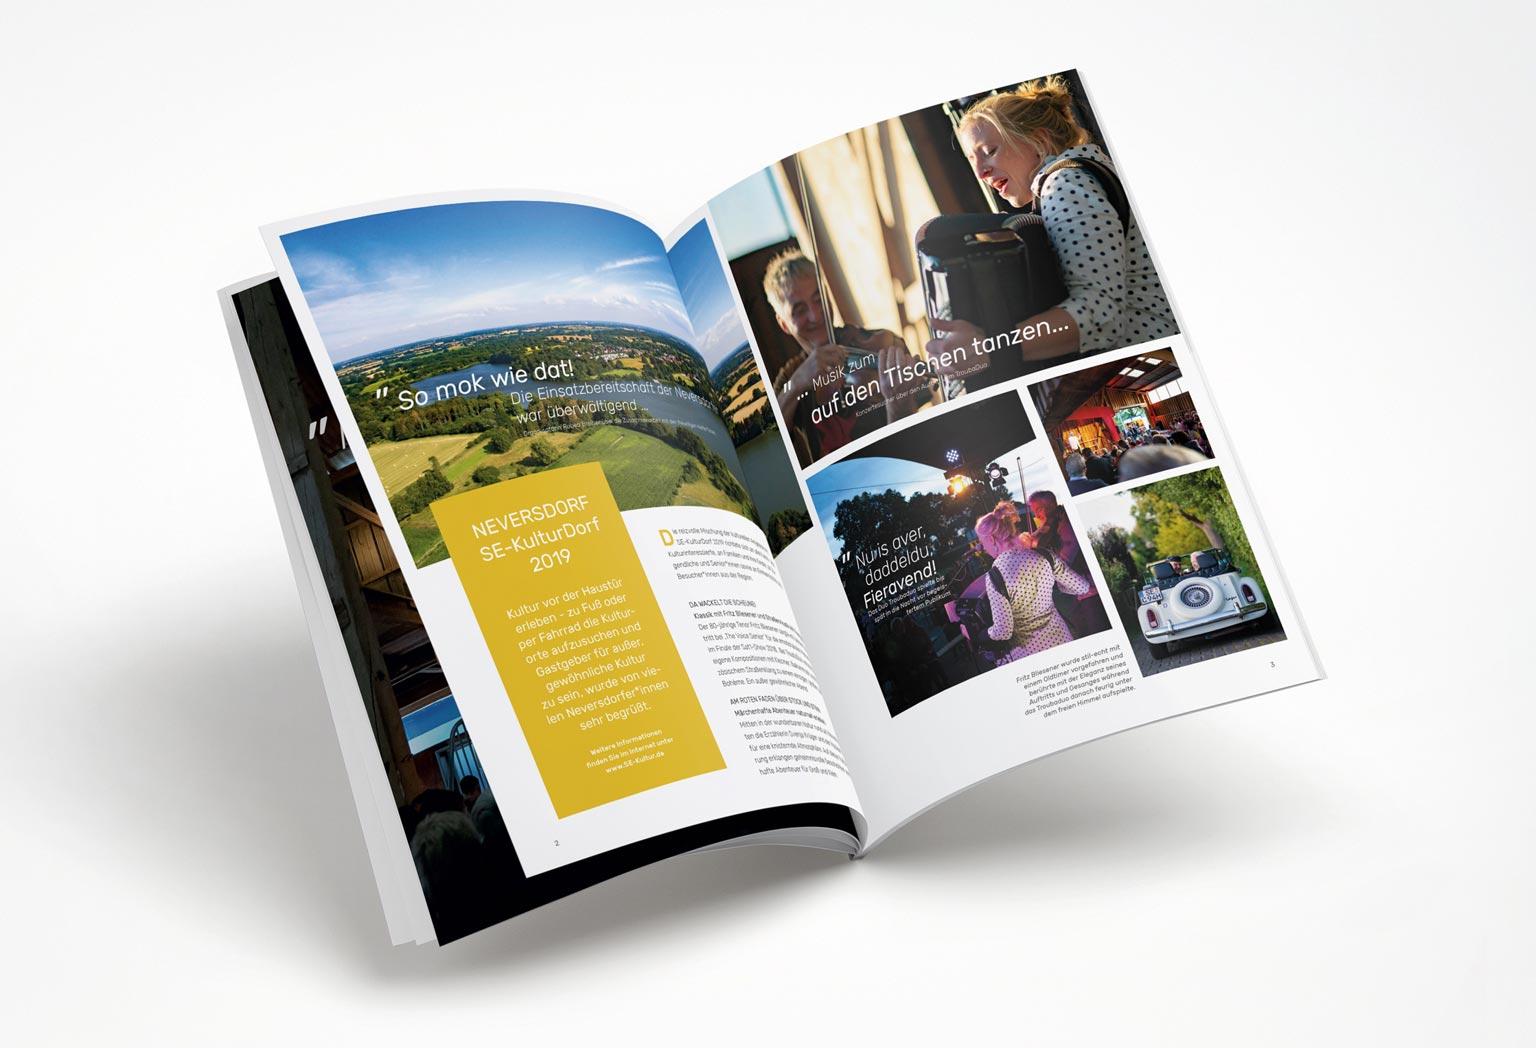 Werbemittel, Art Direction, Kommunikationsdesign, Kreis Segeberg, SE-Kulturtage, Segeberg